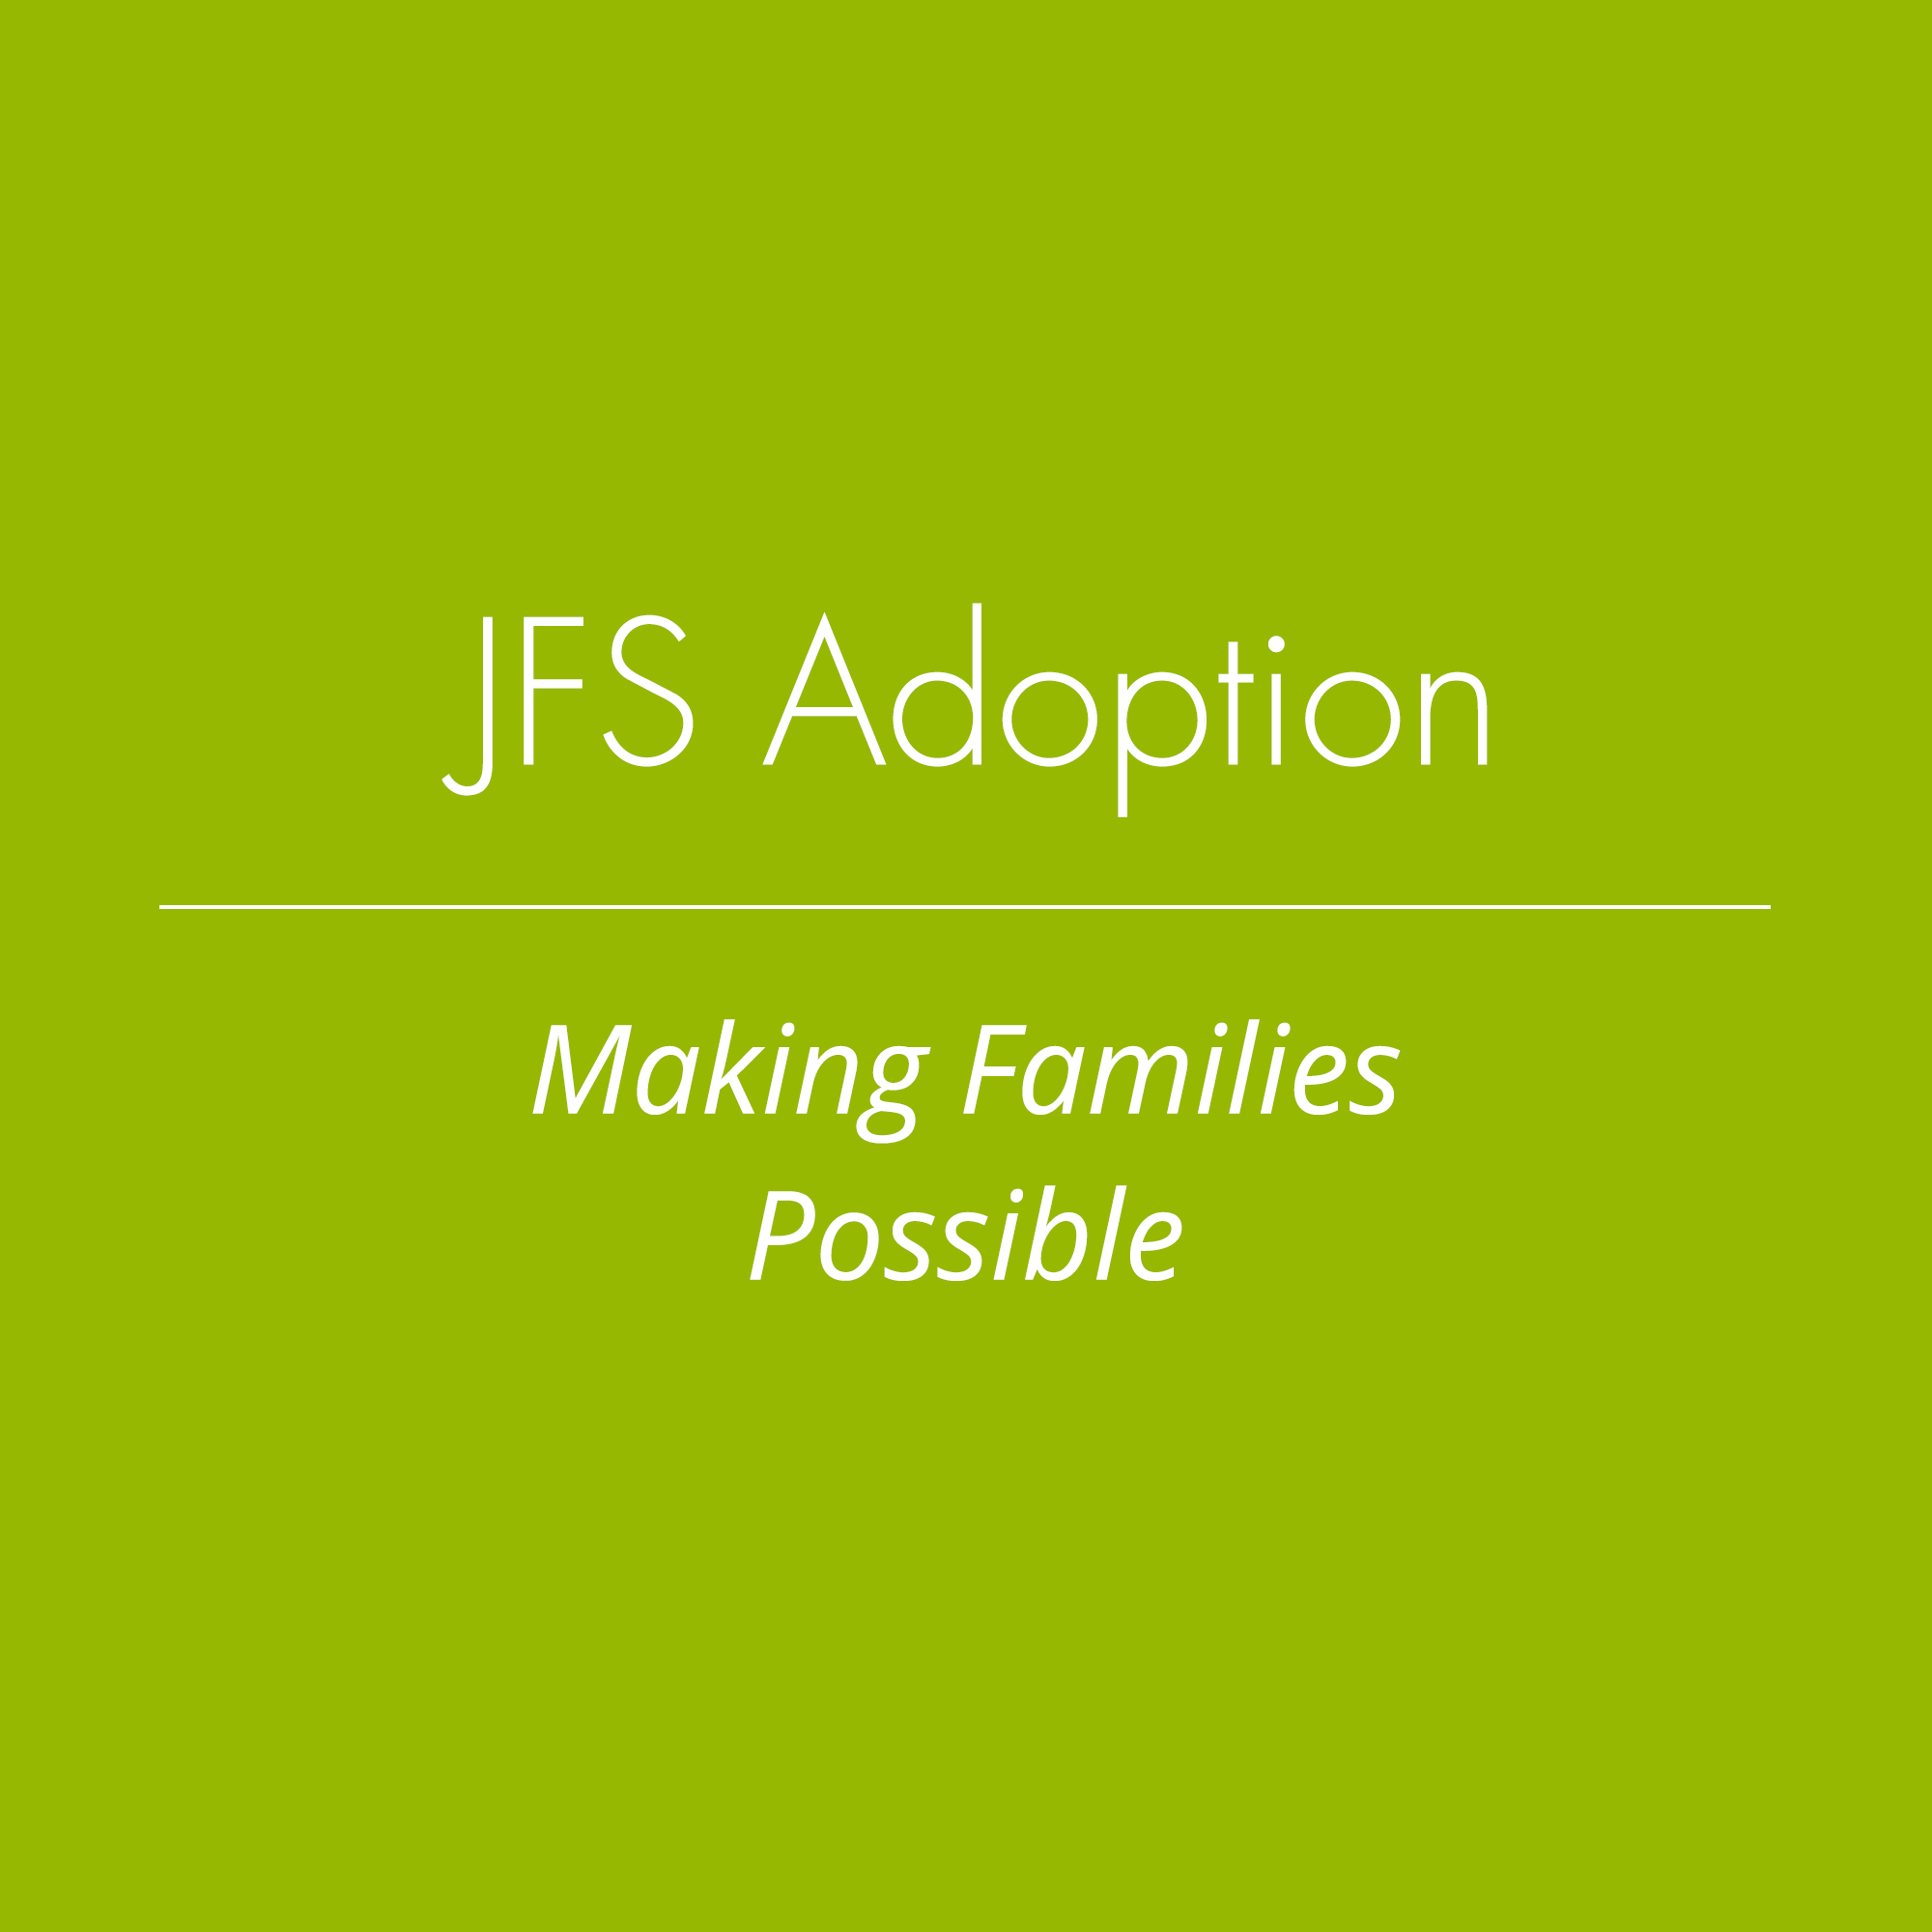 JFS Adoption definition